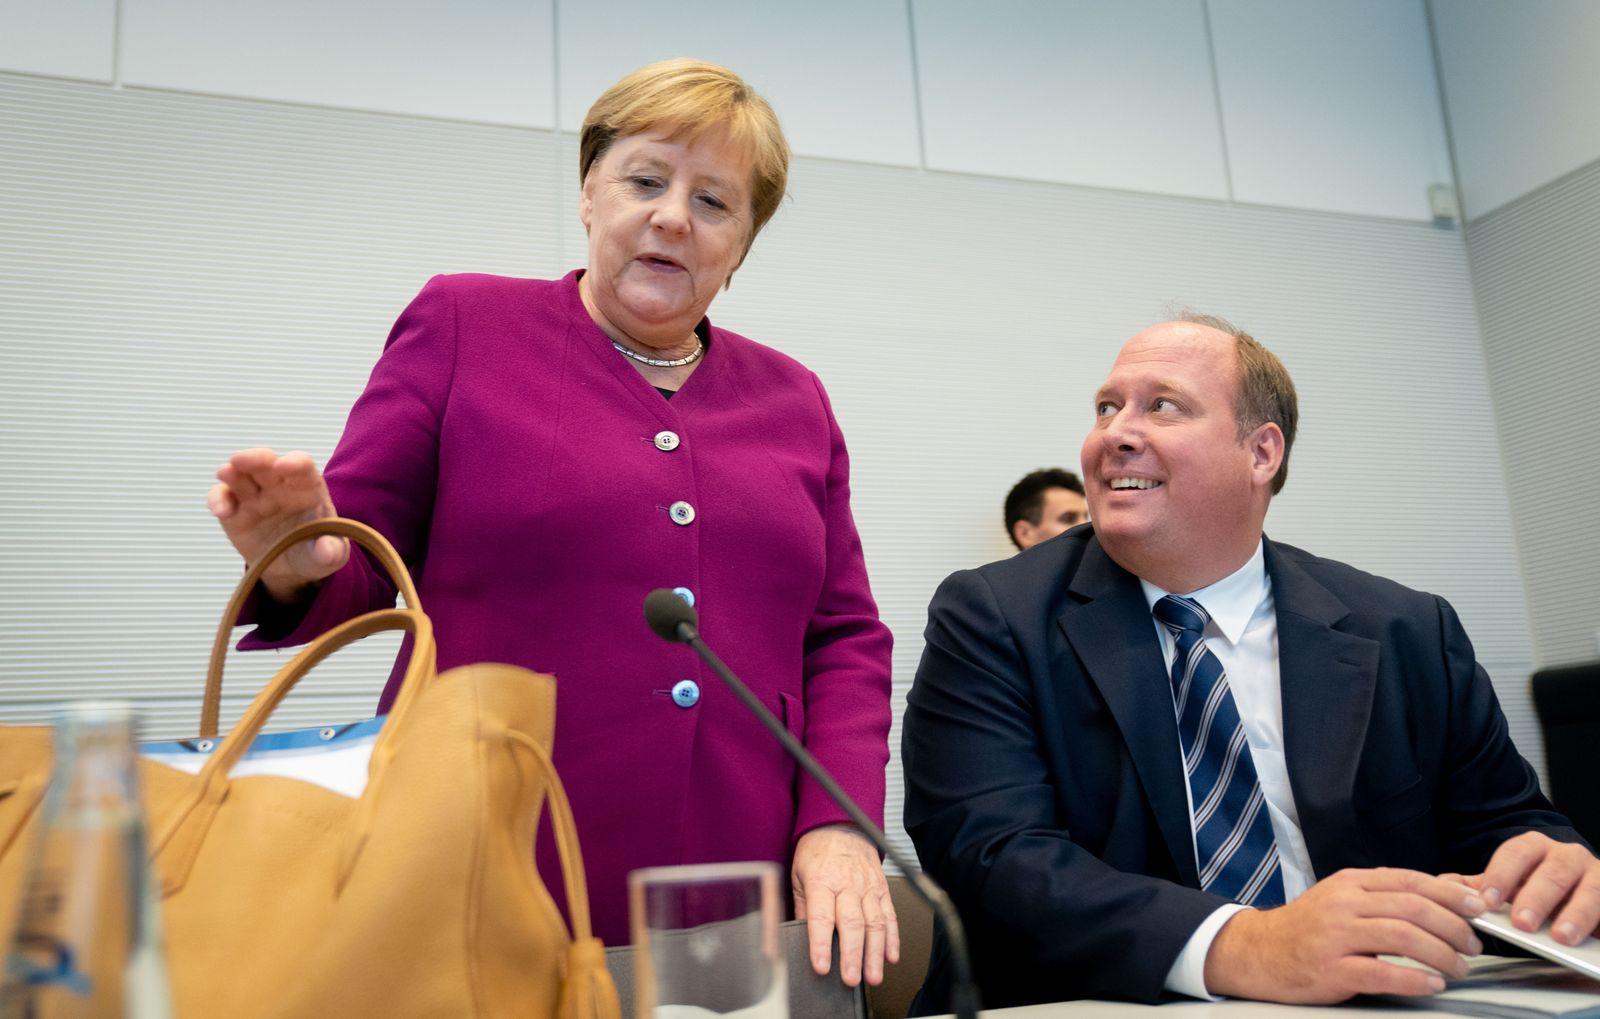 Sitzung der CDU/CSU-Bundestagsfraktion